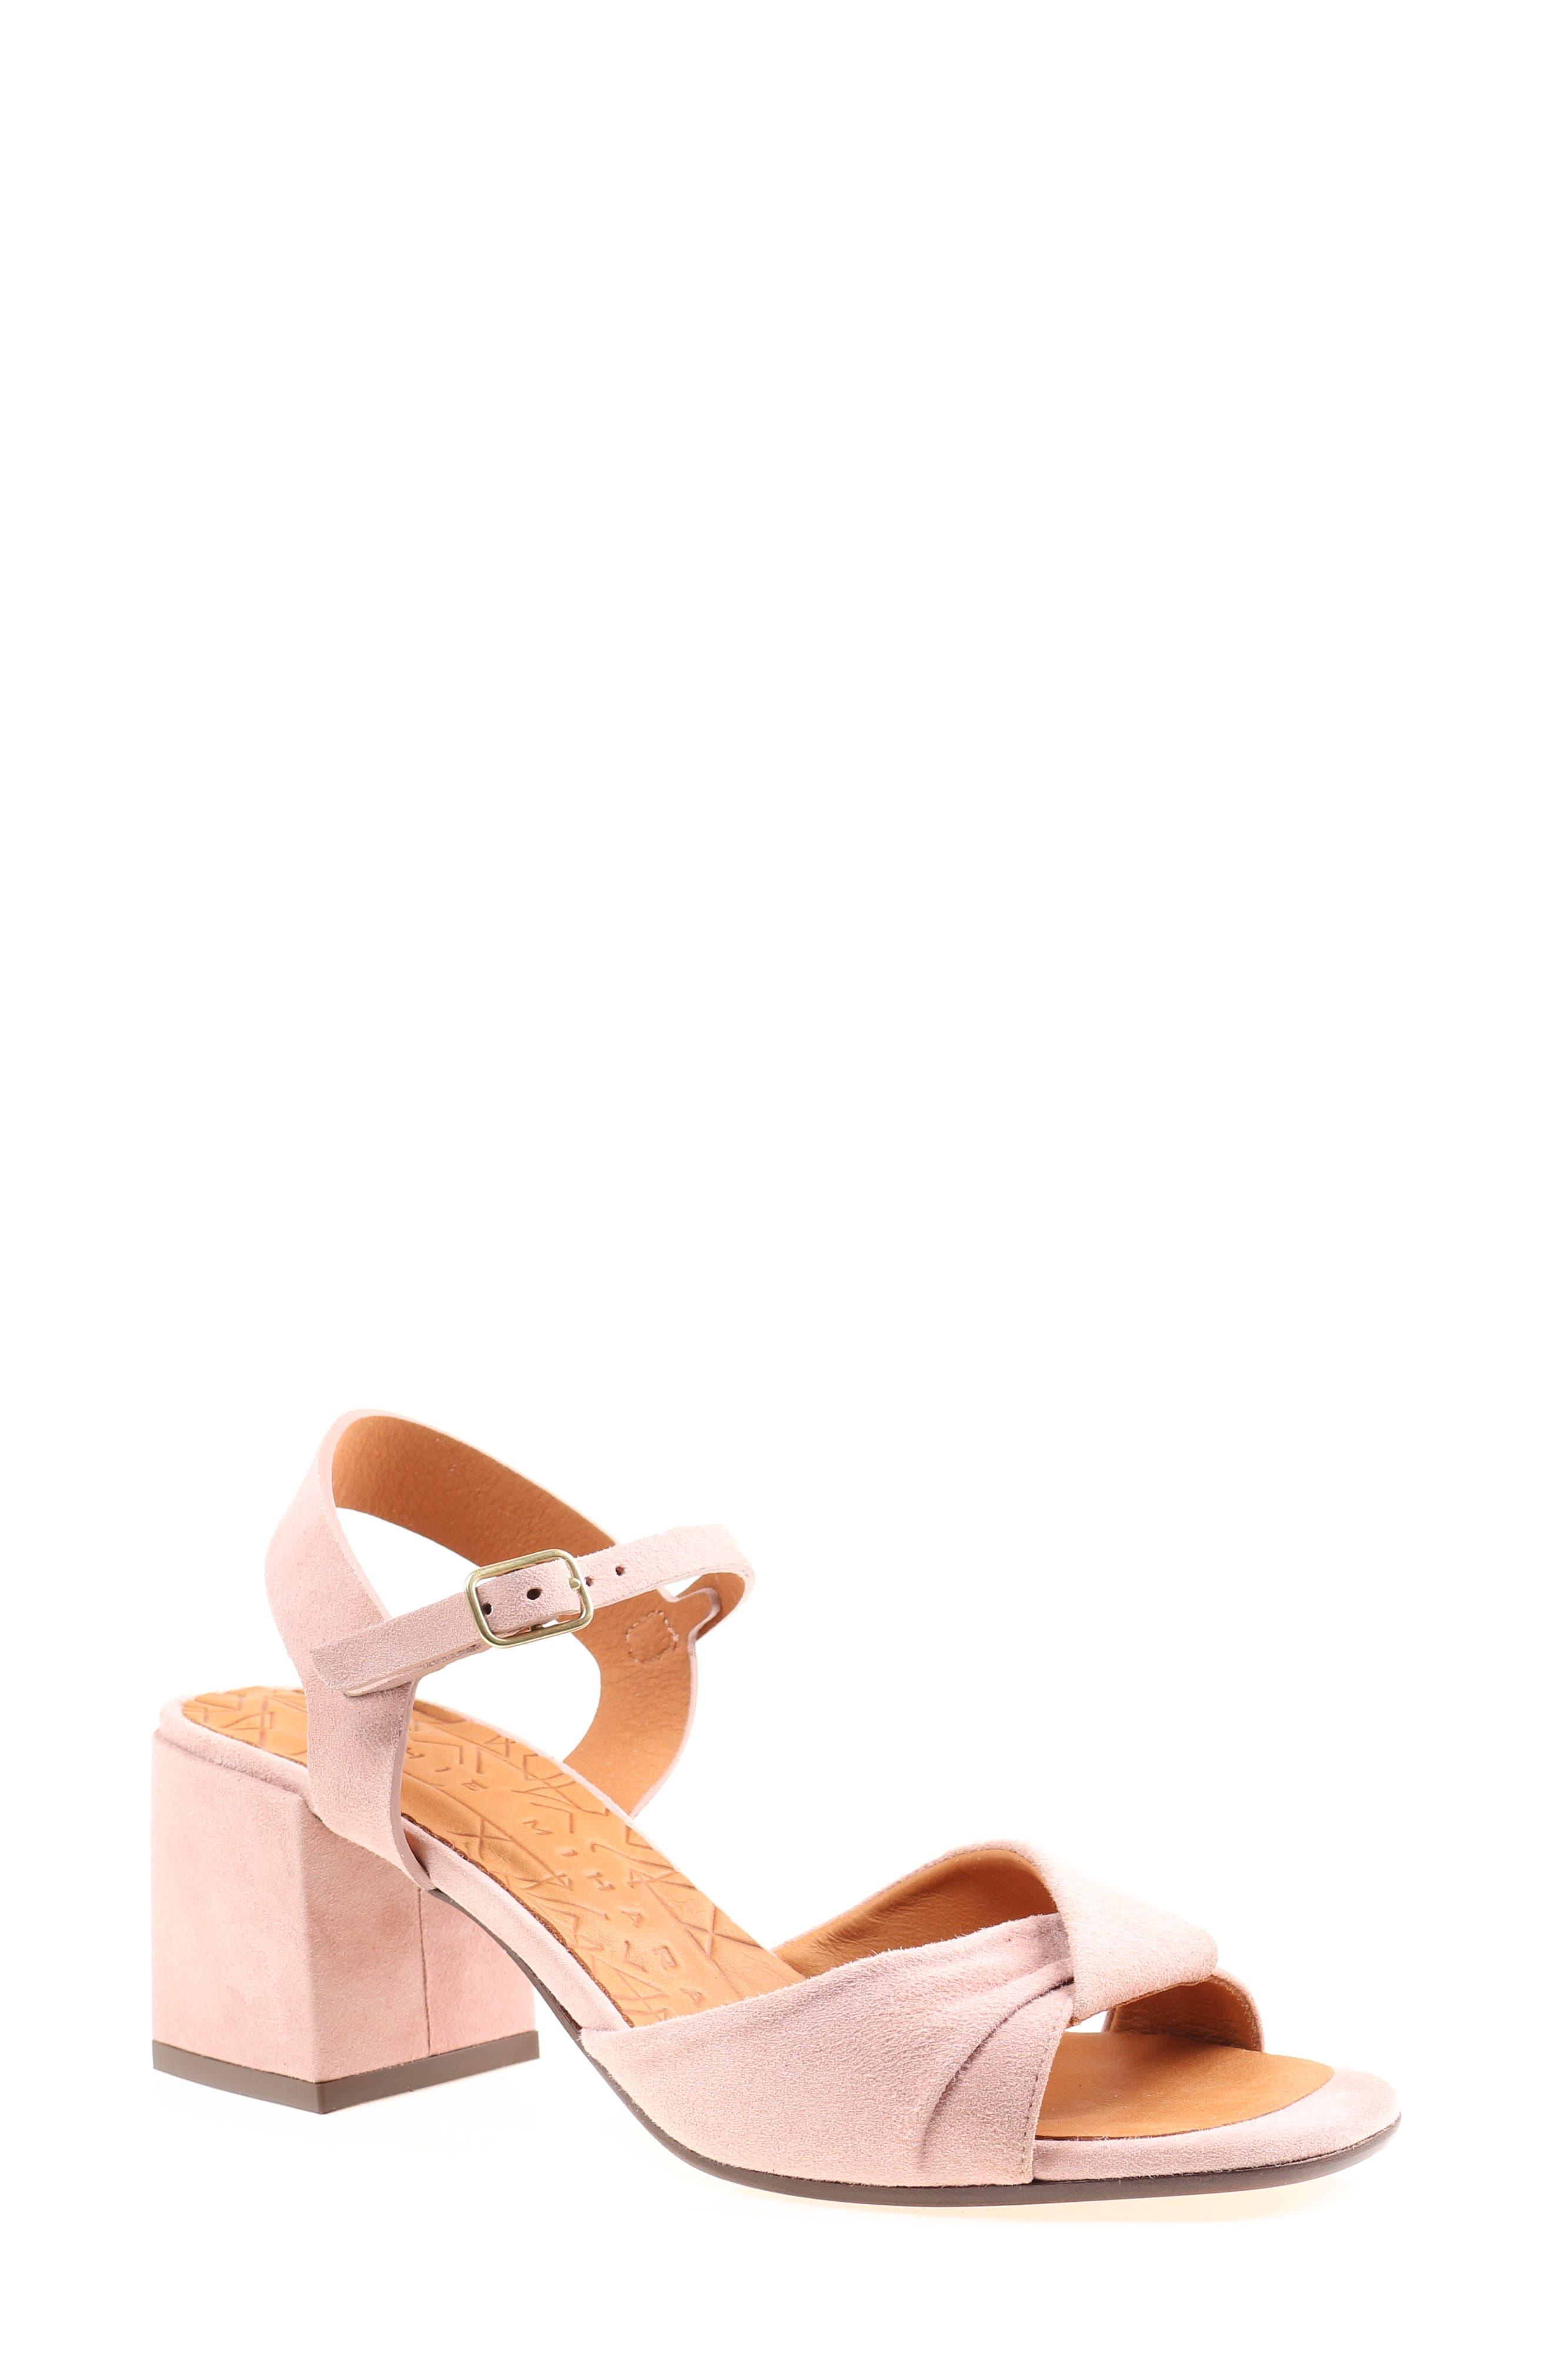 Alternate Image 1 Selected - Chie Mihara Leli Sandal (Women)